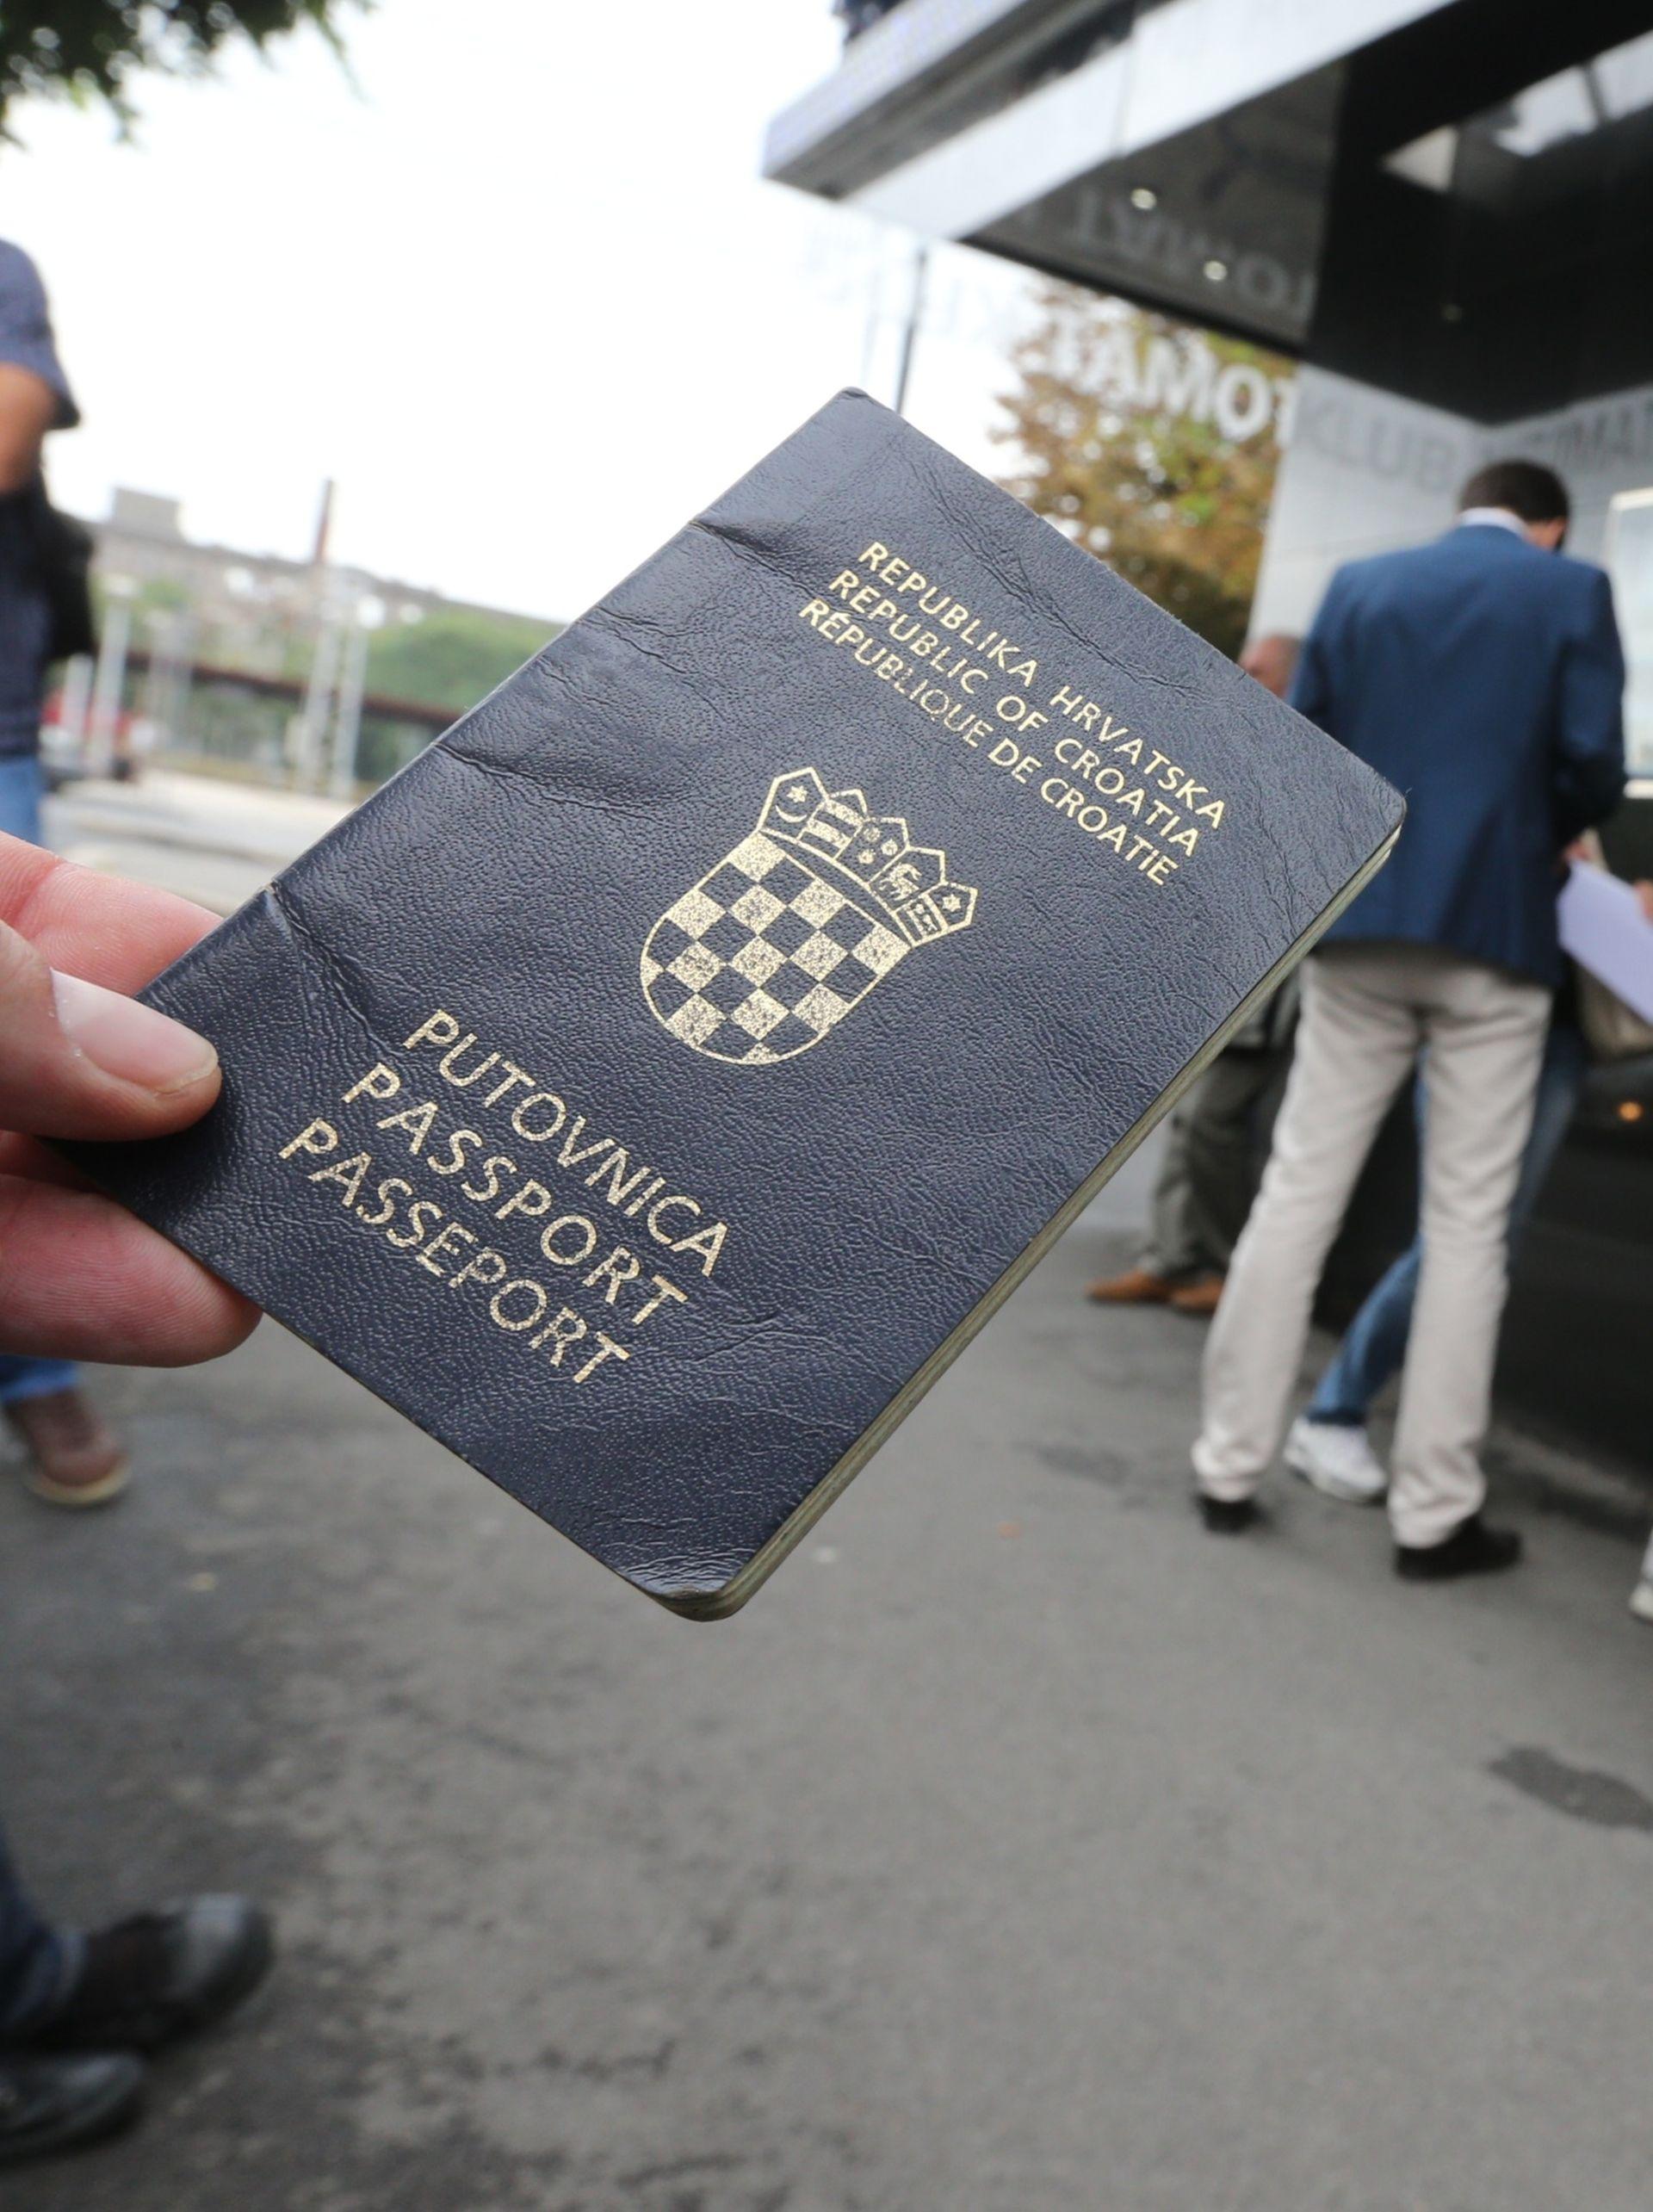 UHIĆENE U ŠPANJOLSKOJ: Pljačkašice s hrvatskim putovnicama